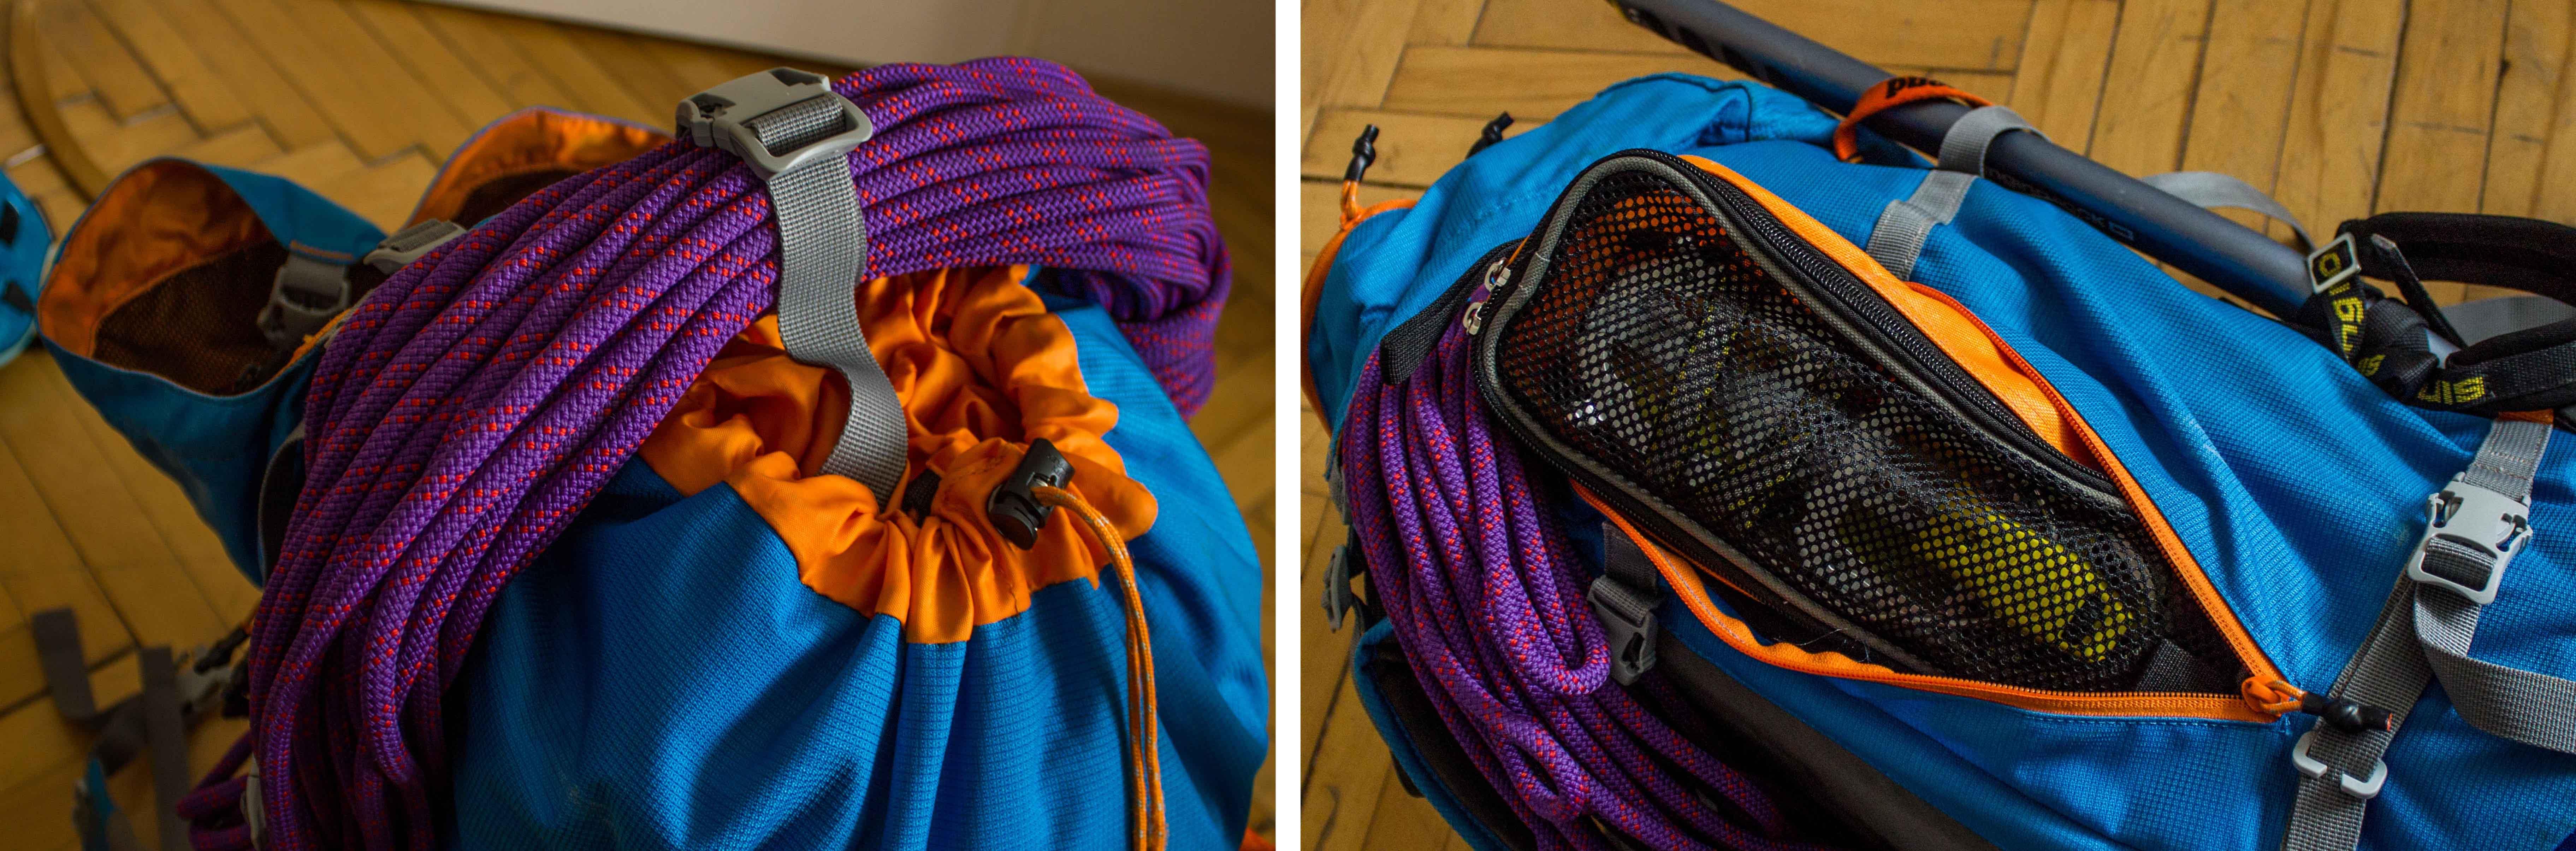 Alpinistický a horolezecký batoh Simond a jeho uchytenie lana